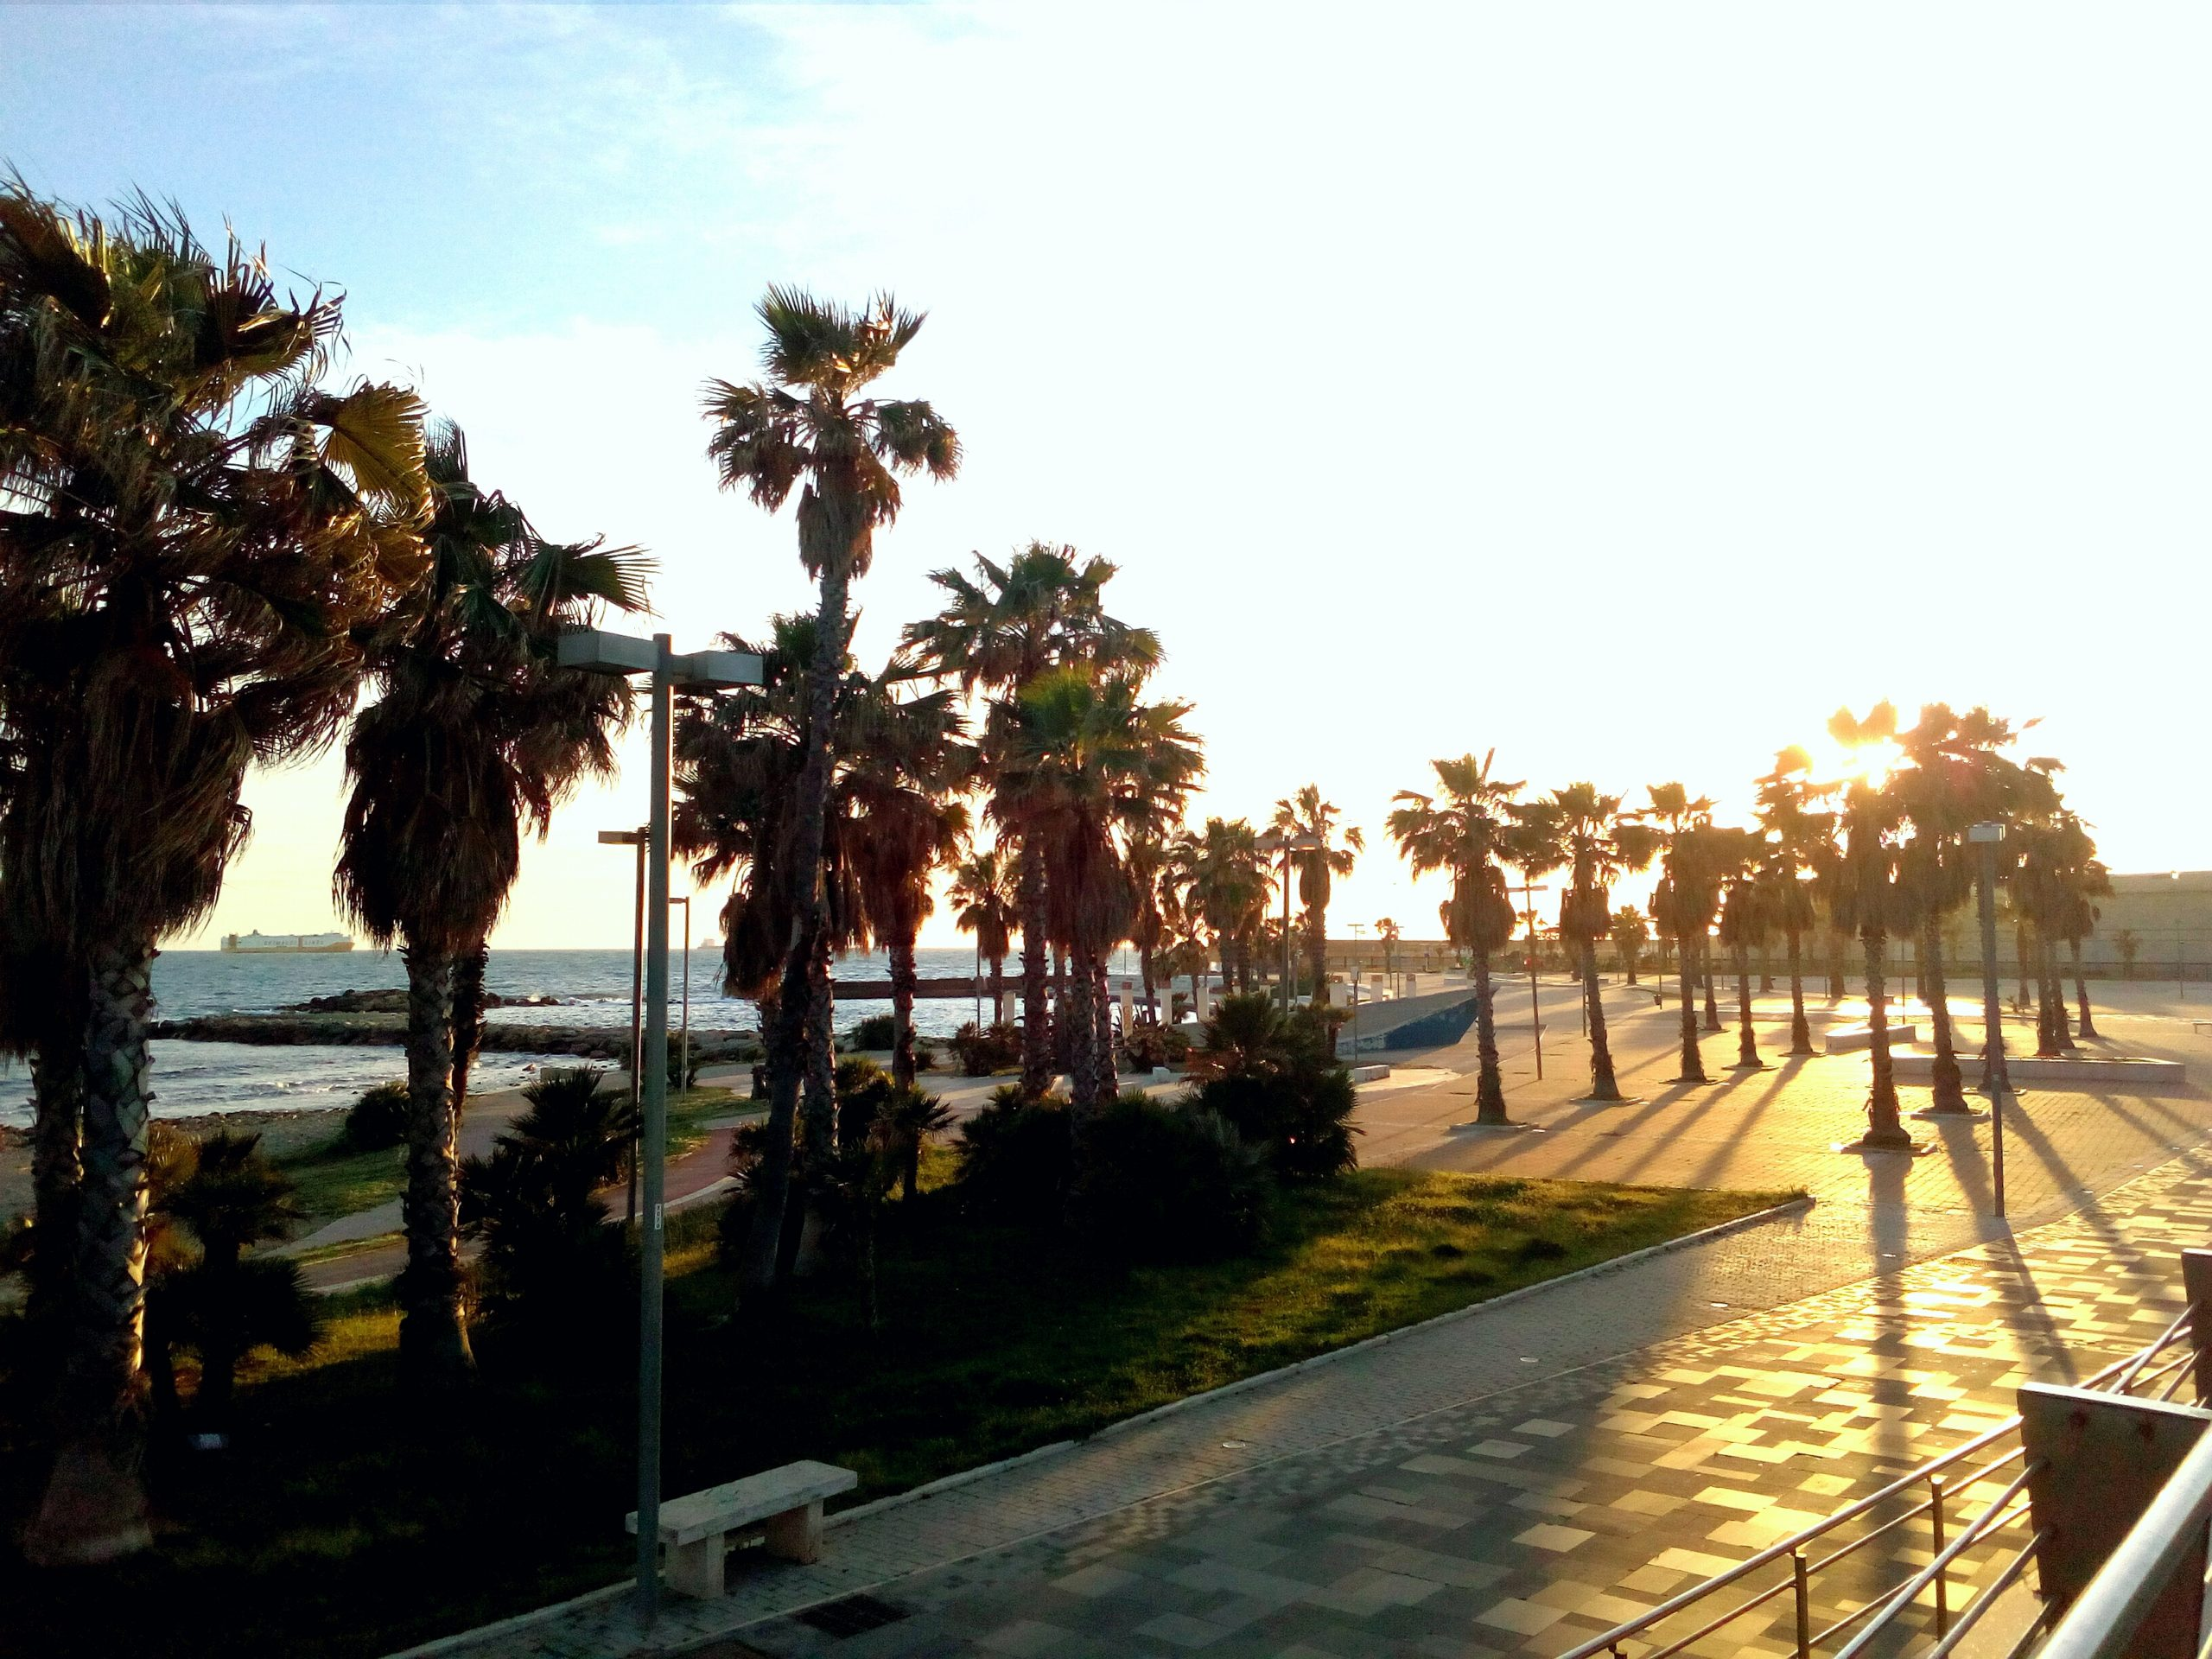 La regione Lazio sostenga i comuni costieri per la fruizione delle spiagge libere